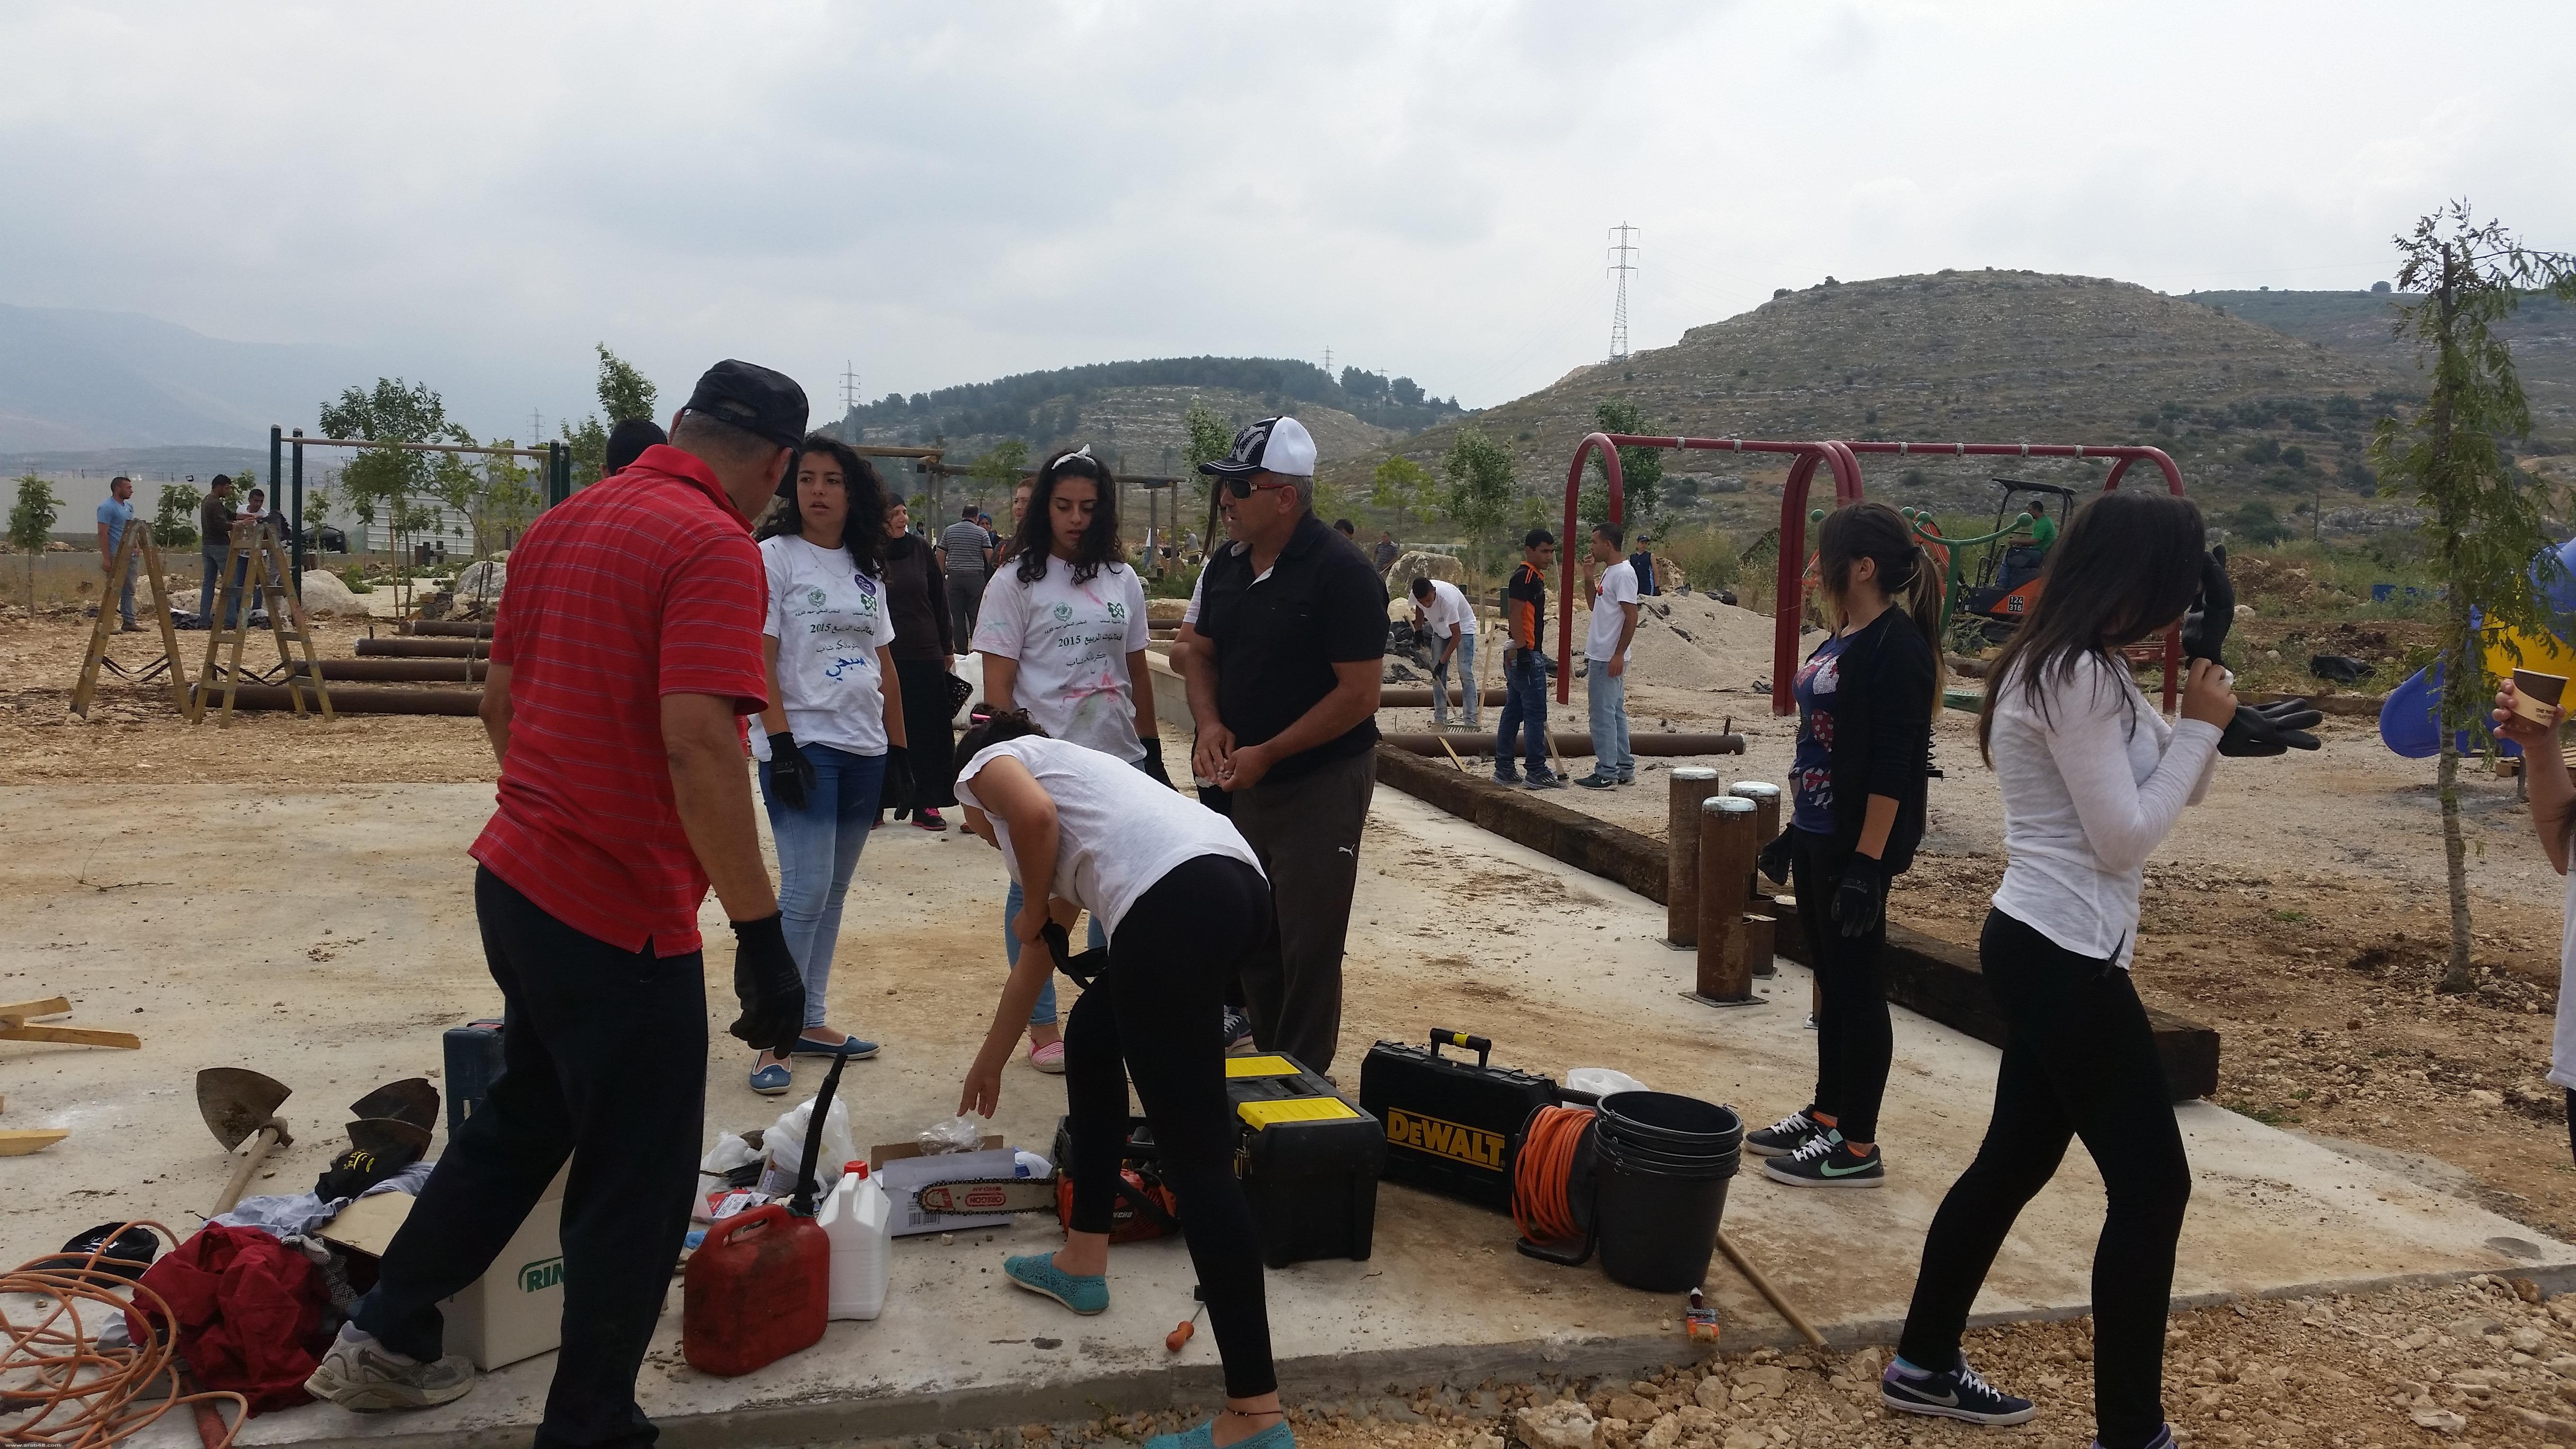 العمل التطوعي إرادة وثبات في وجه التحديات